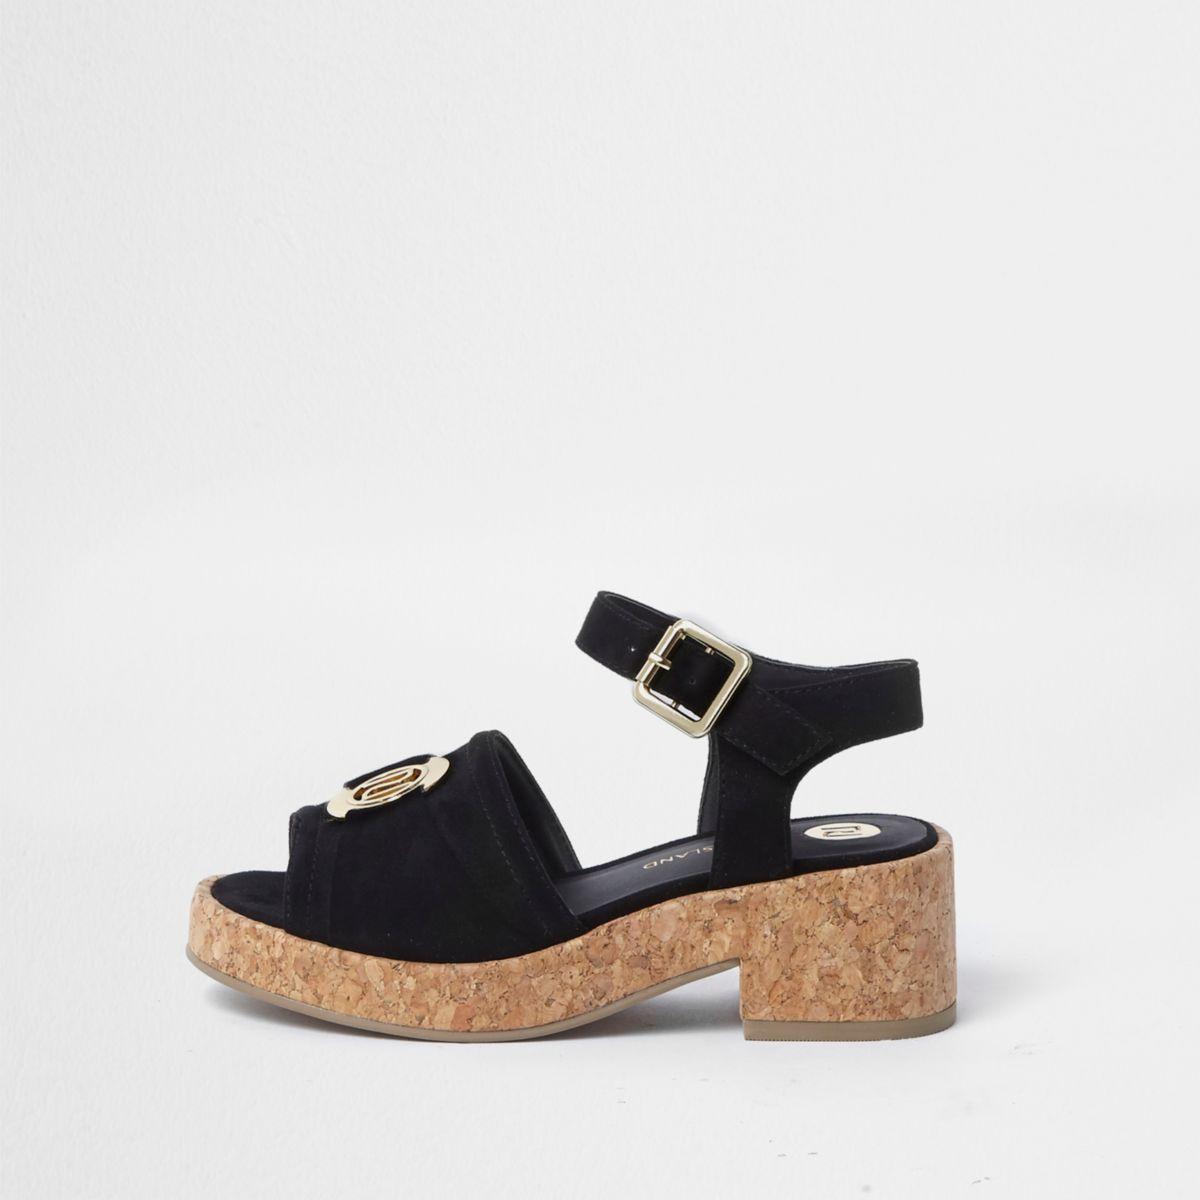 Sandales noires avec logo RI à semelles épaisses en liège pour fille